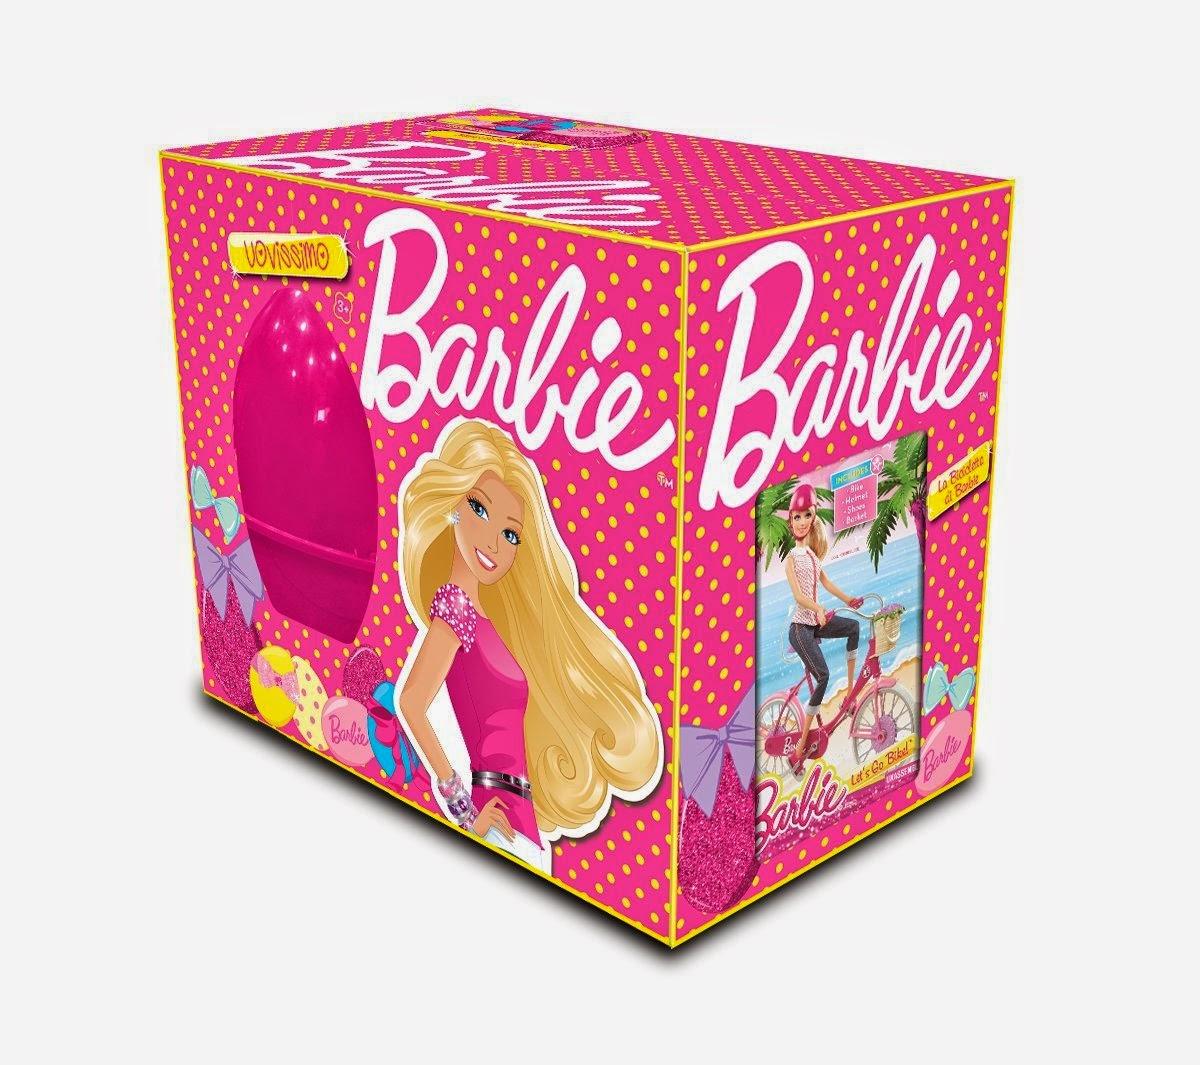 Uovissimo 2014 Barbie Mattel regali a sorpresa giocattoli pasqua contenuto prezzo